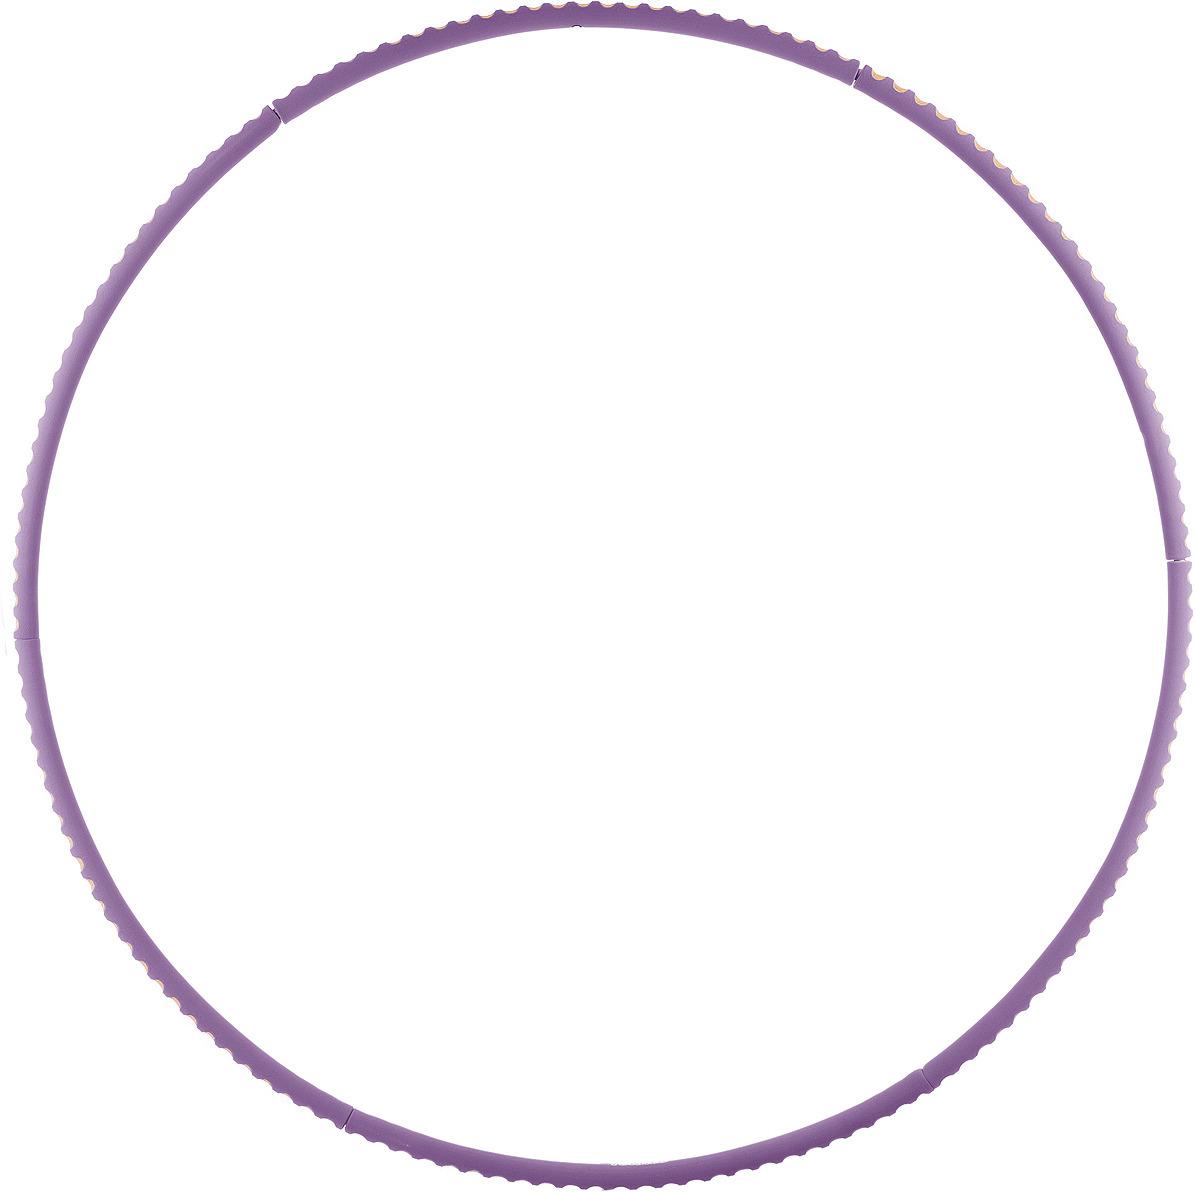 все цены на Обруч для фитнеса Torneo, цвет: розовый онлайн